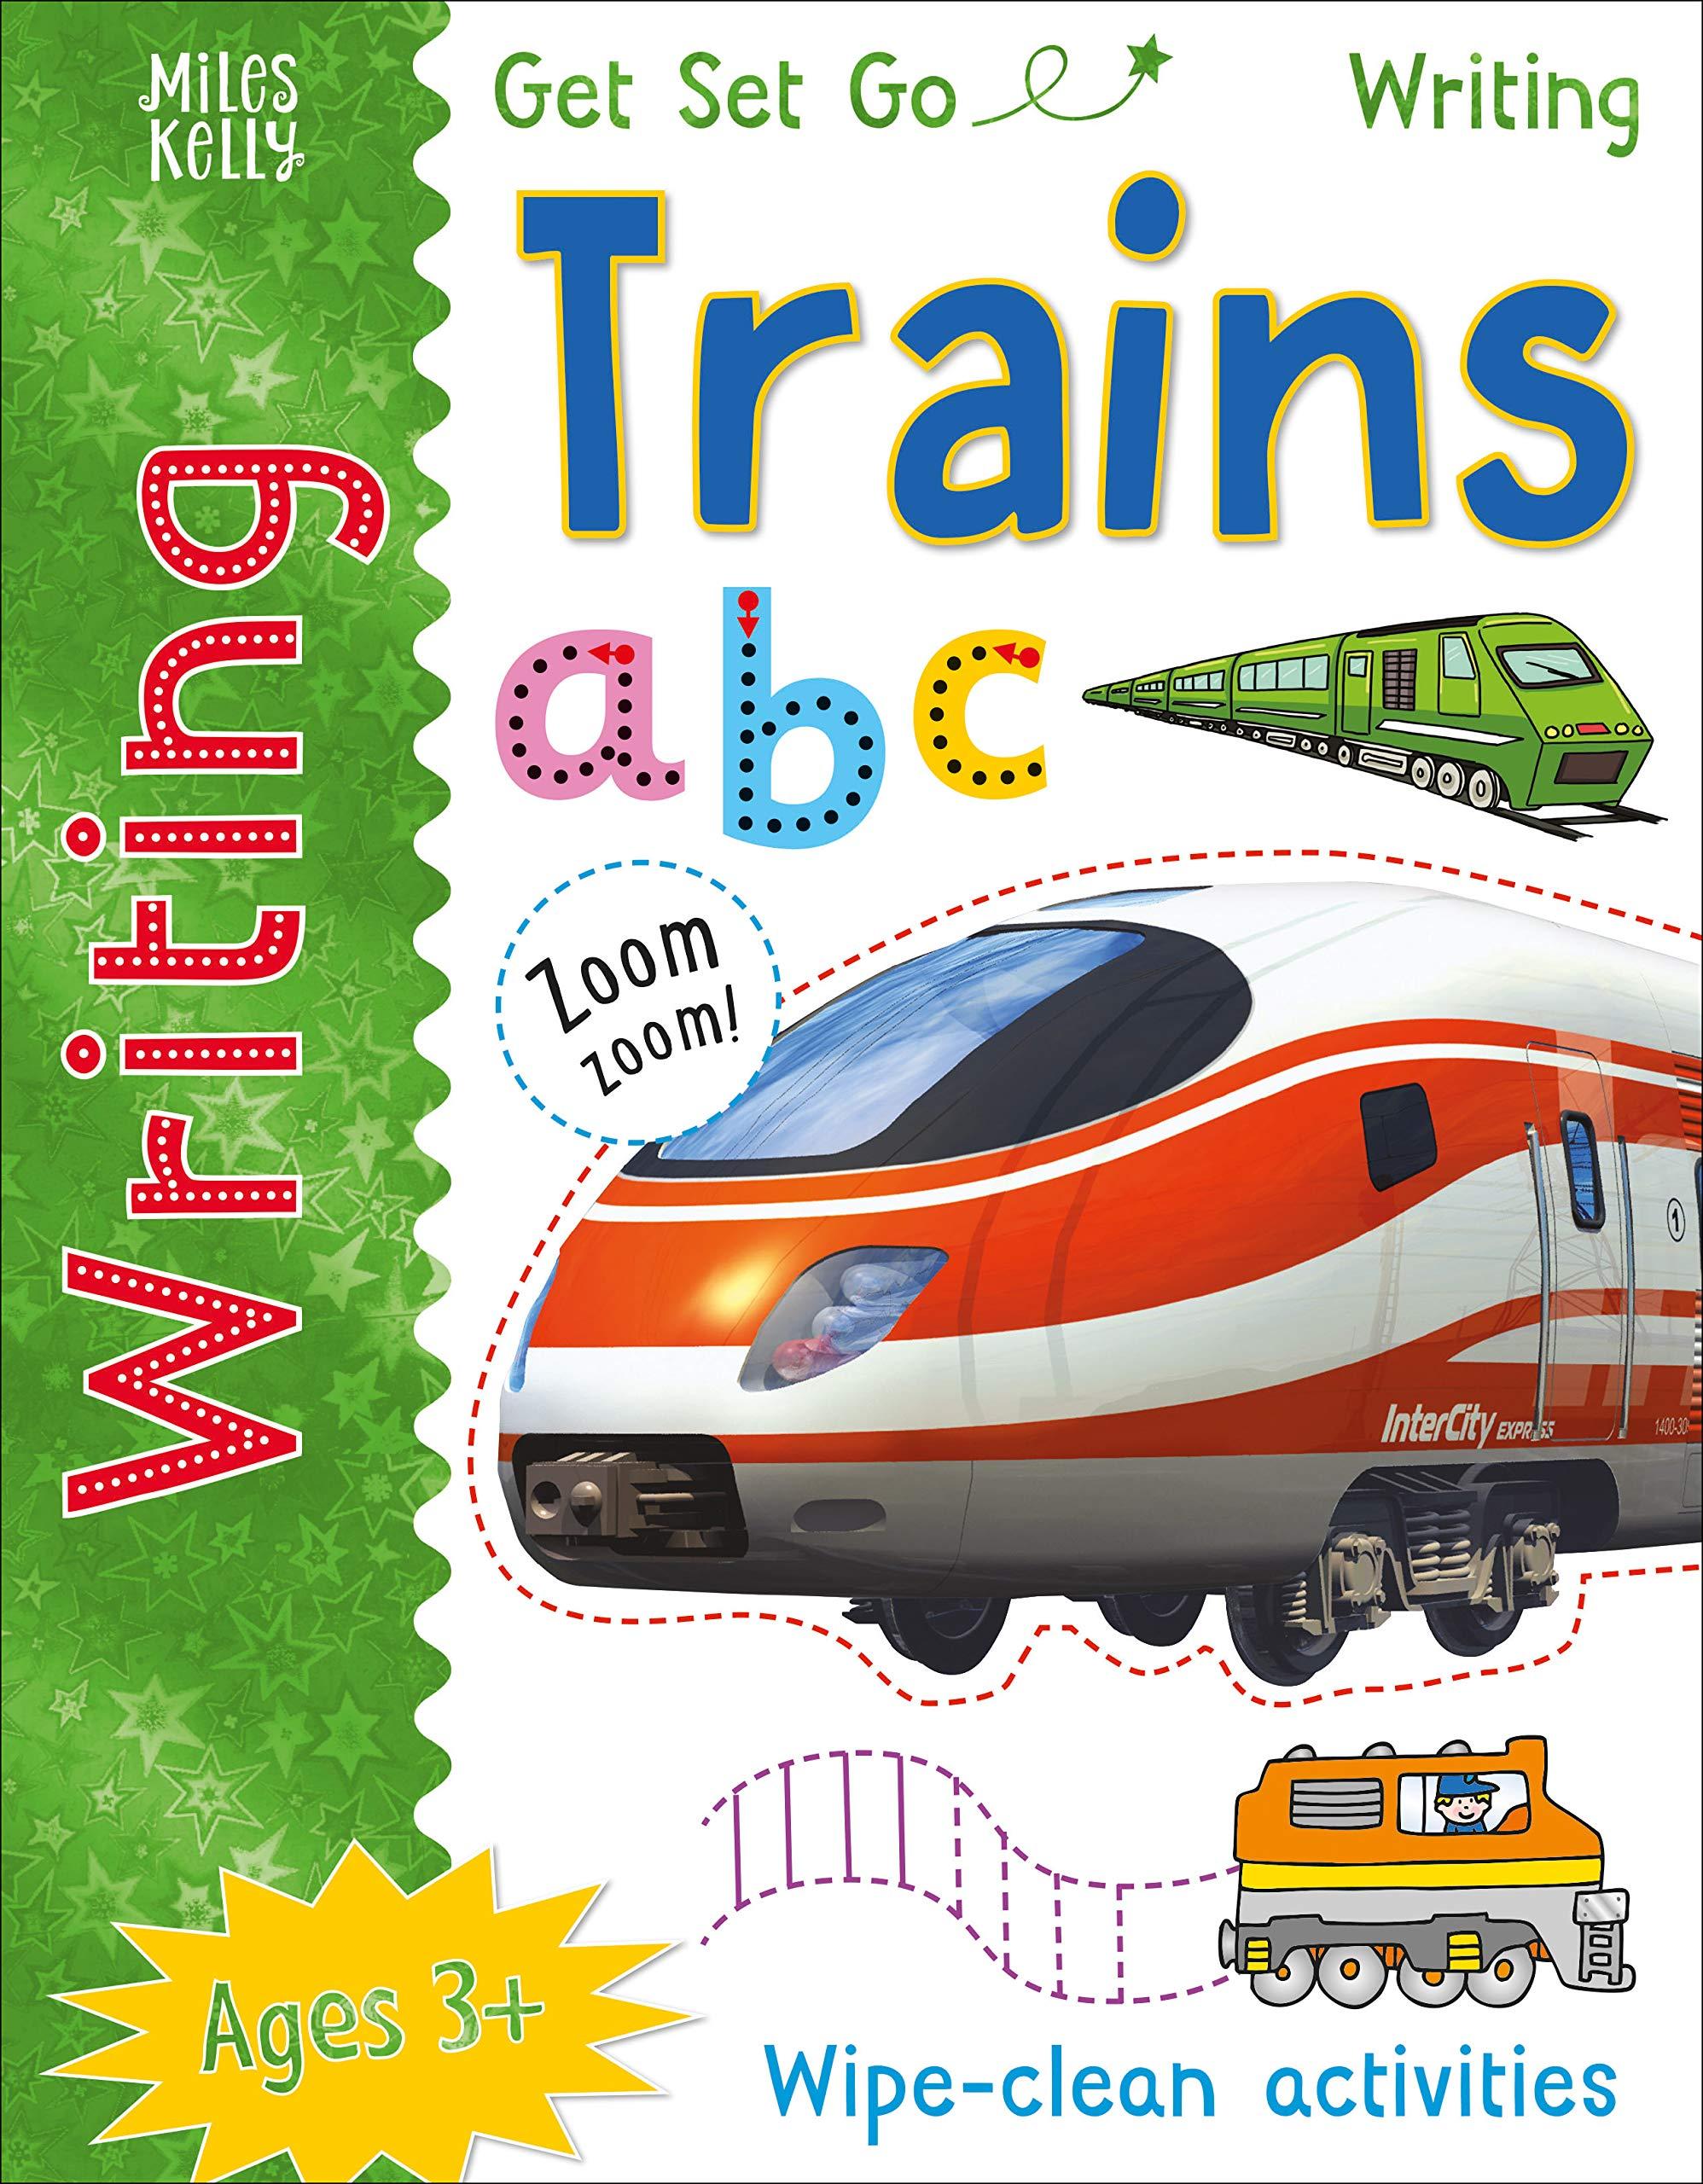 GSG WRITING TRAINS (GET SET GO WRITING)